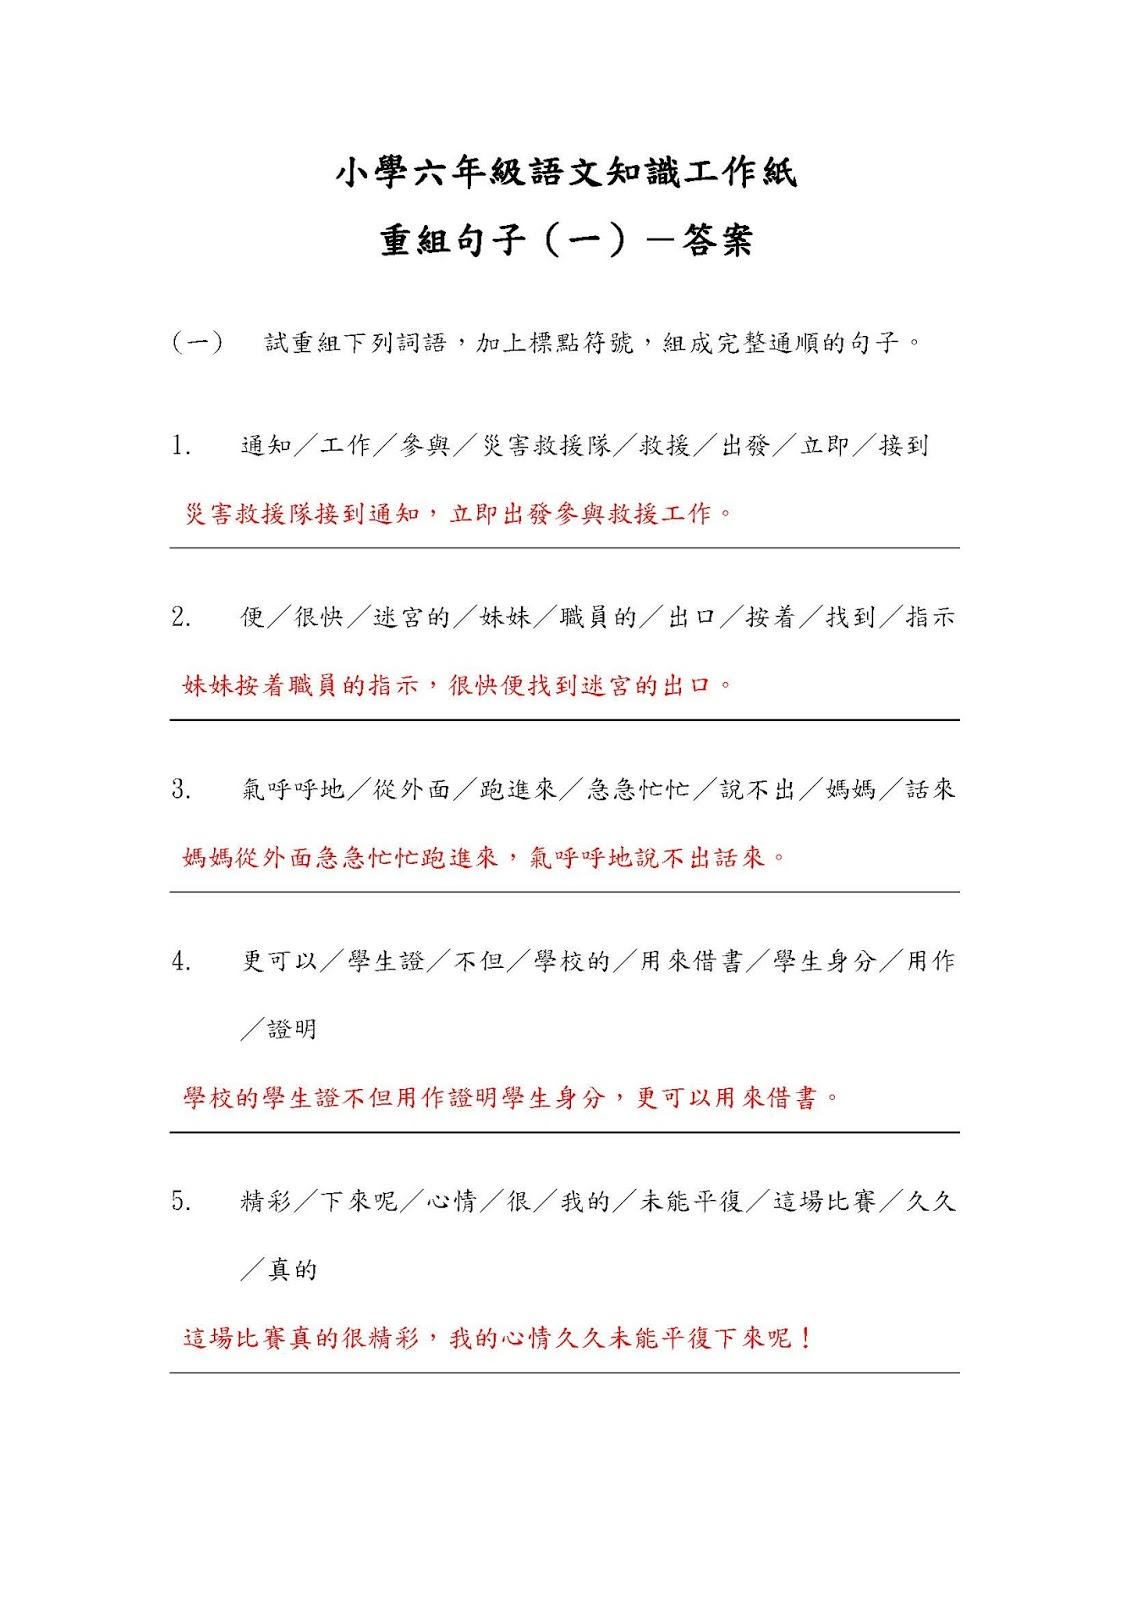 小六語文知識工作紙:重組句子(一)|中文工作紙|尤莉姐姐的反轉學堂